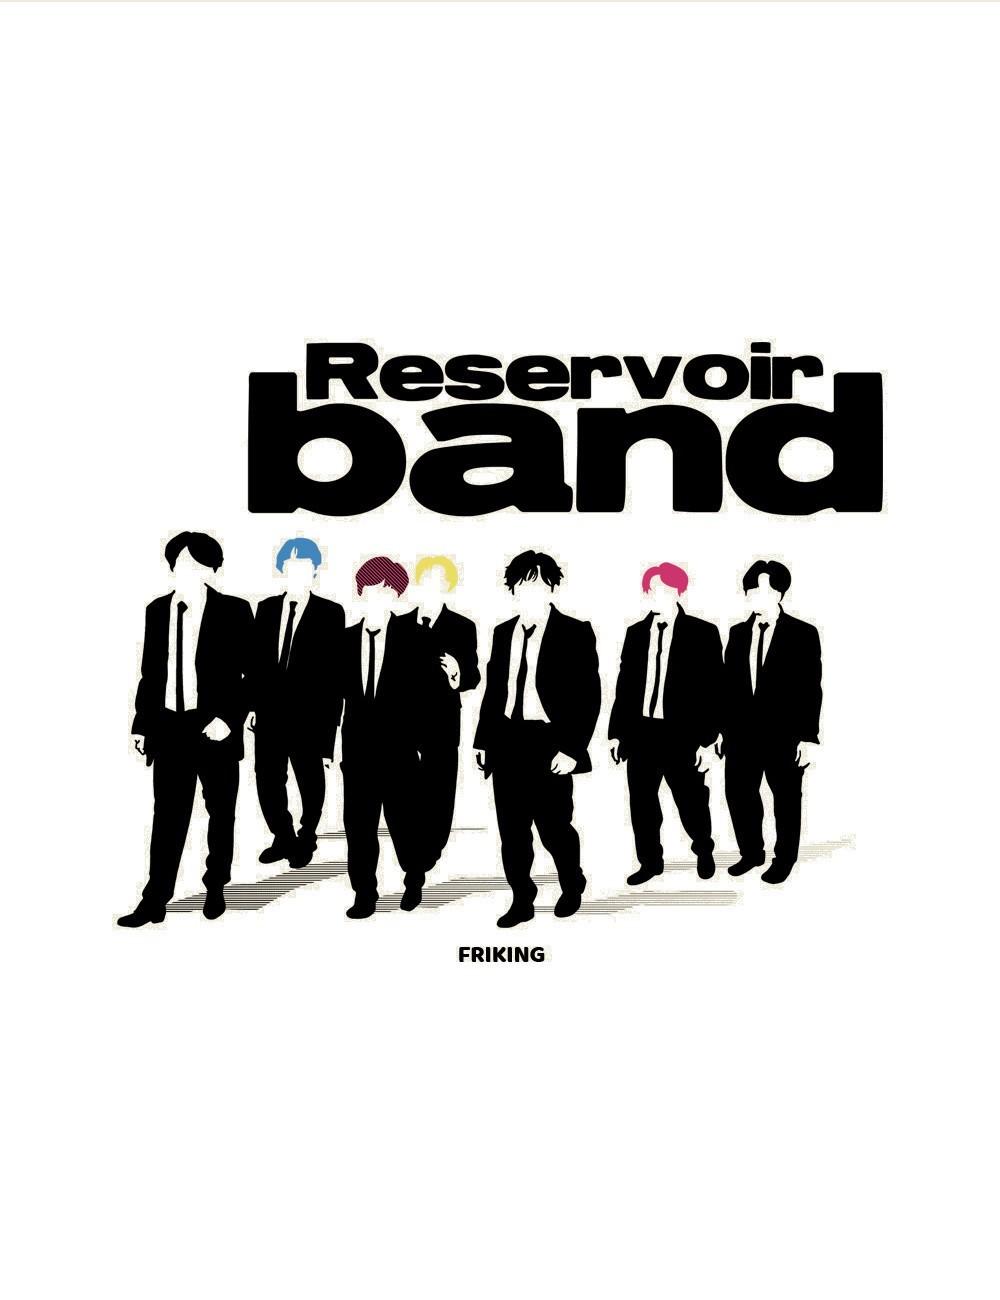 Reservoid Bands